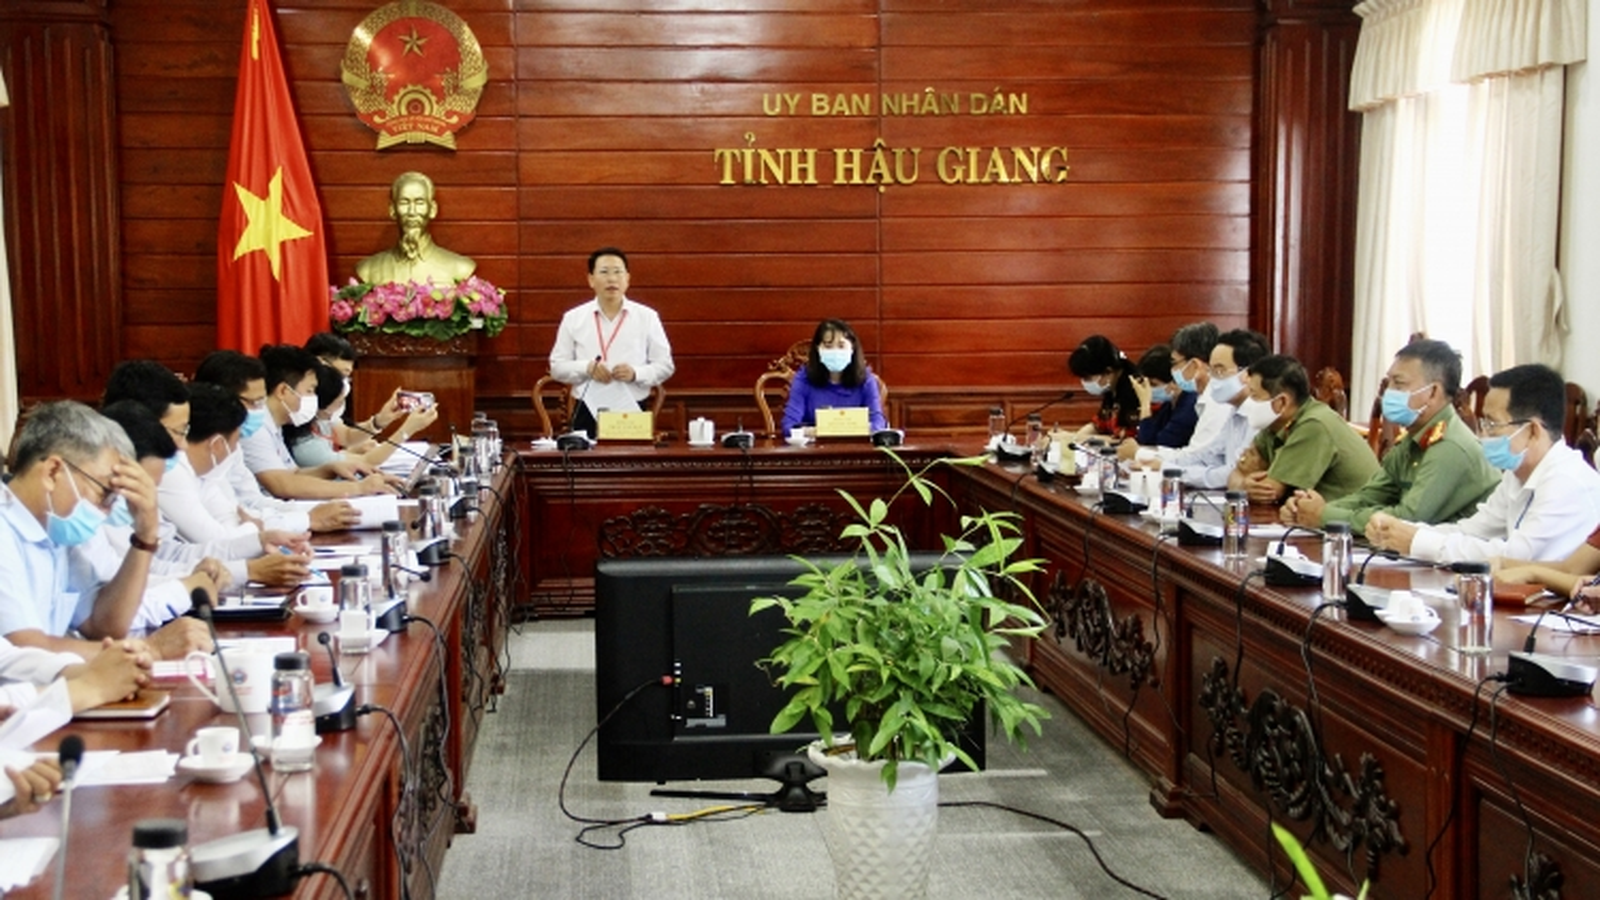 Bộ GD-ĐTkiểm tra công tác chuẩn bị Kỳ thi tốt nghiệp THPT tại tỉnh Hậu Giang